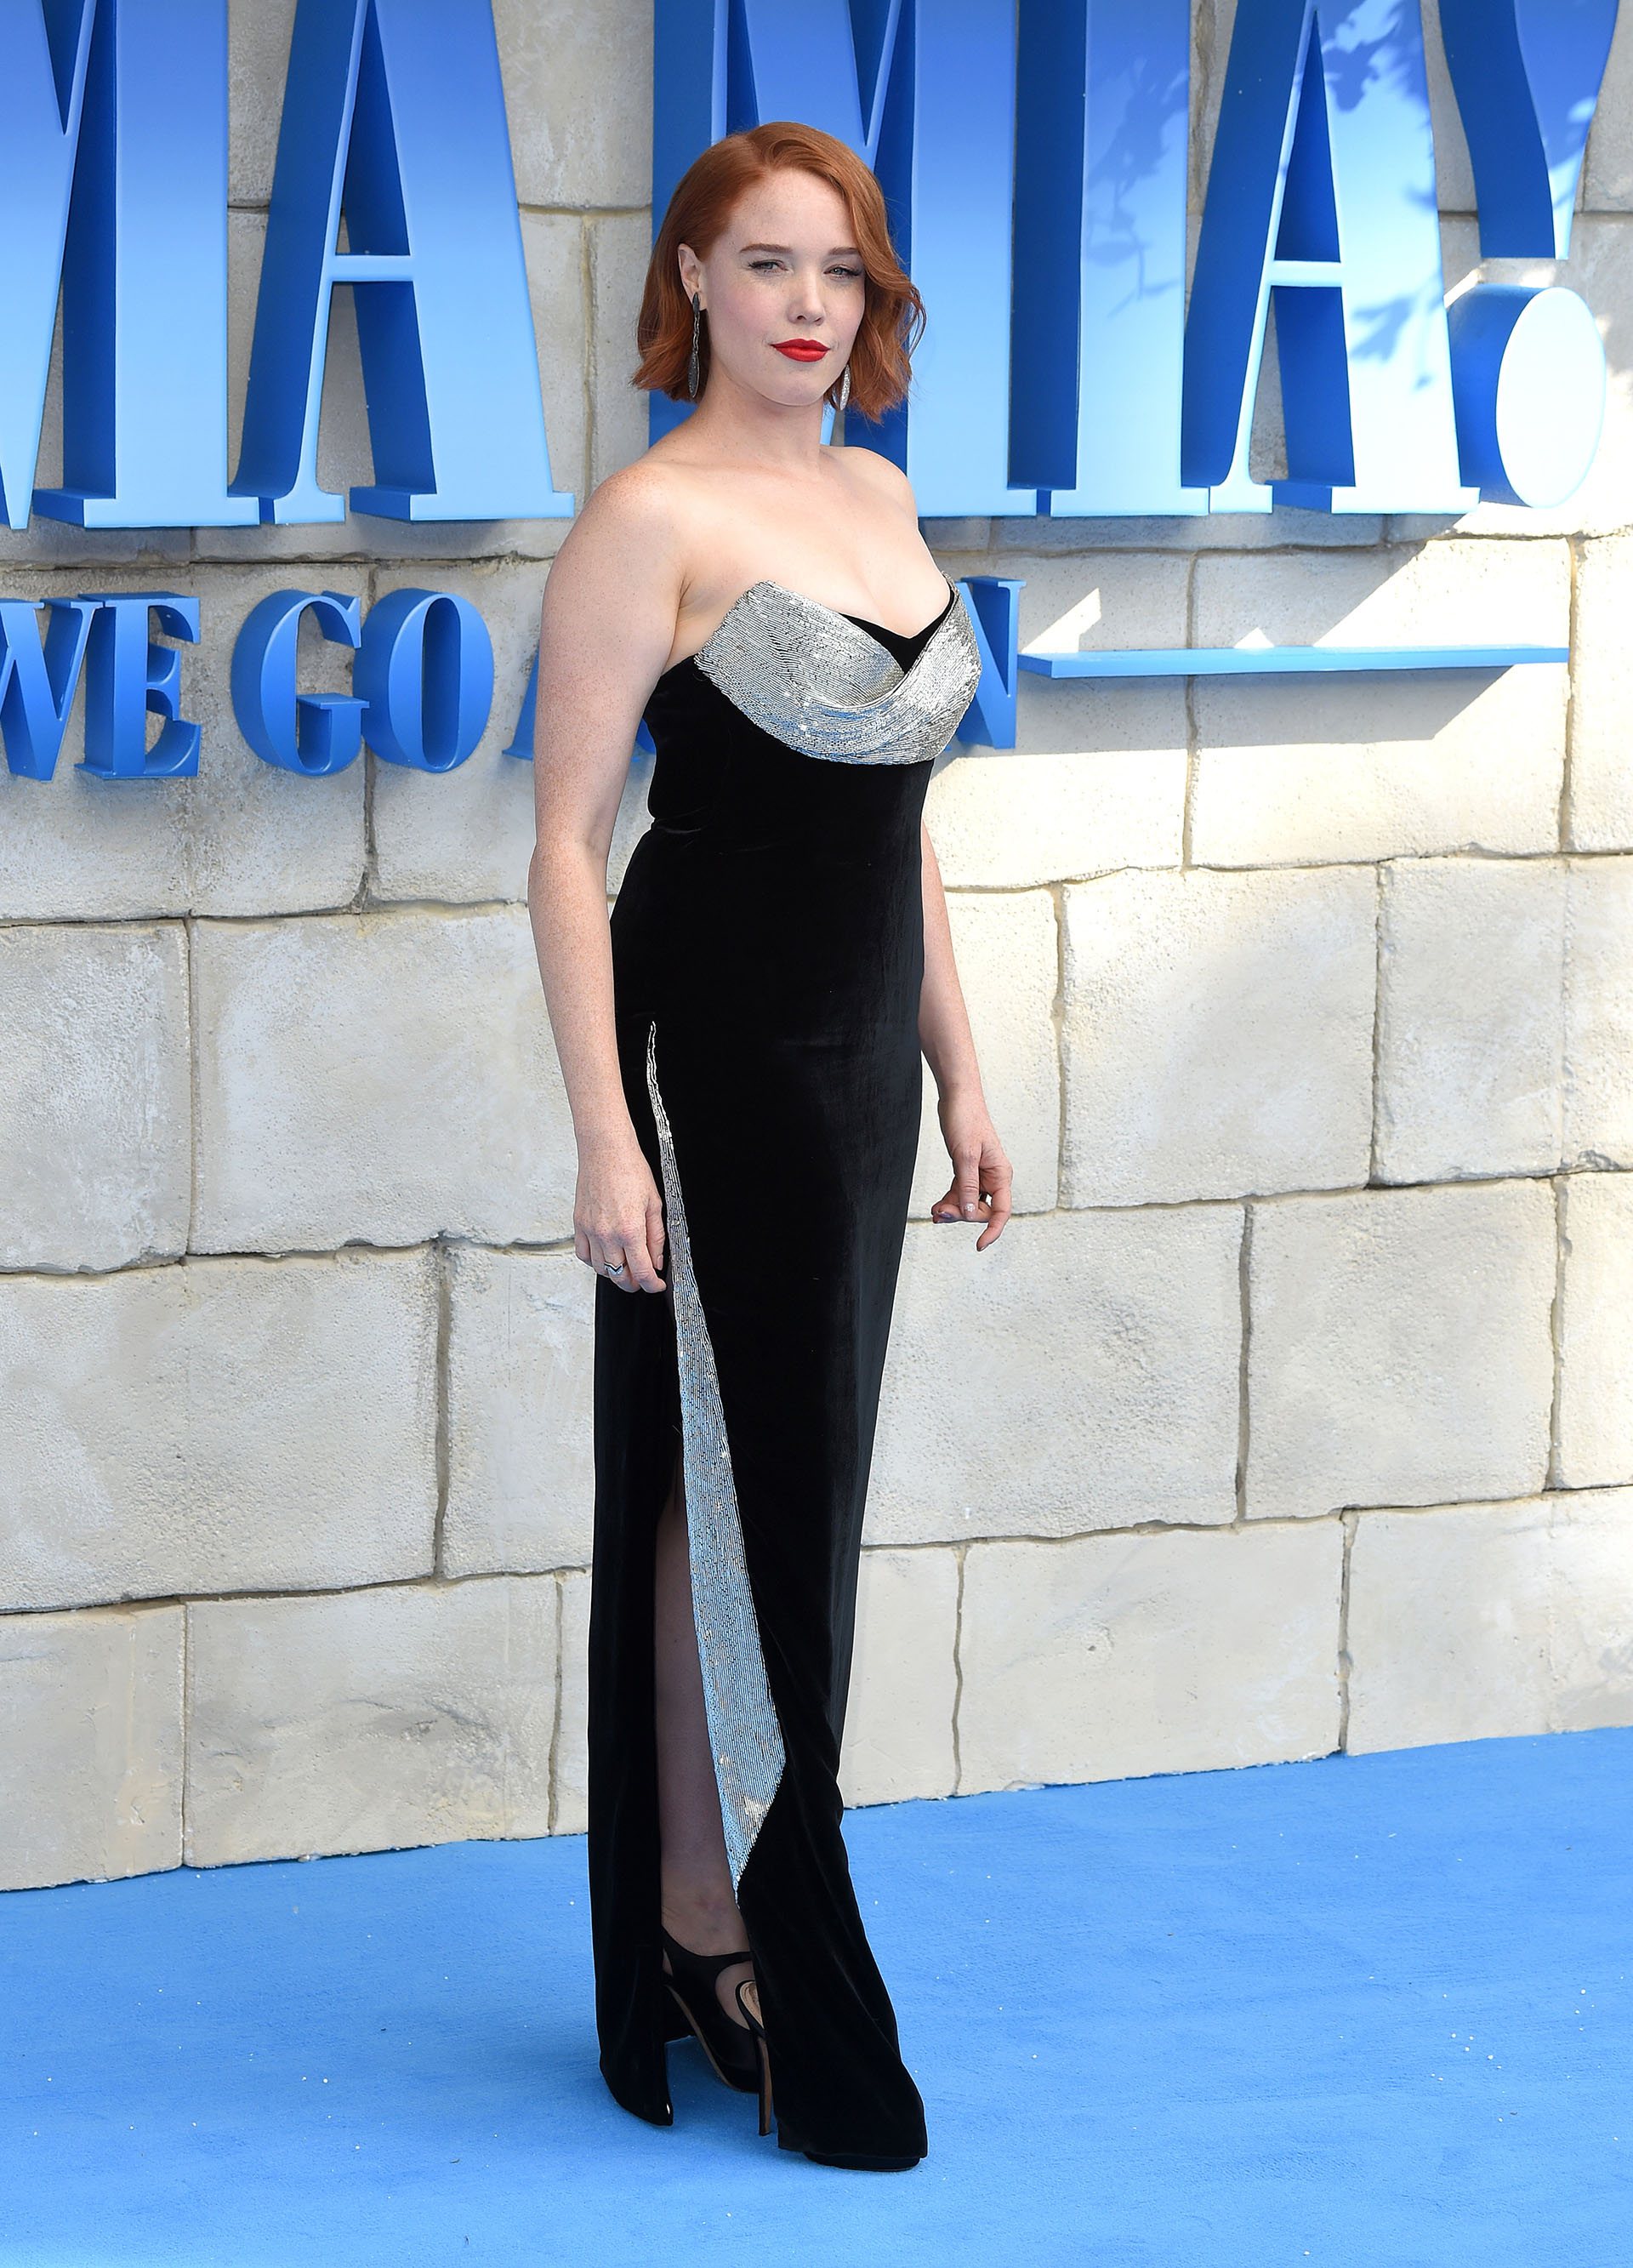 Jessica Keenan Wynn con un vestido de gala con abertura lateral y escote strapless